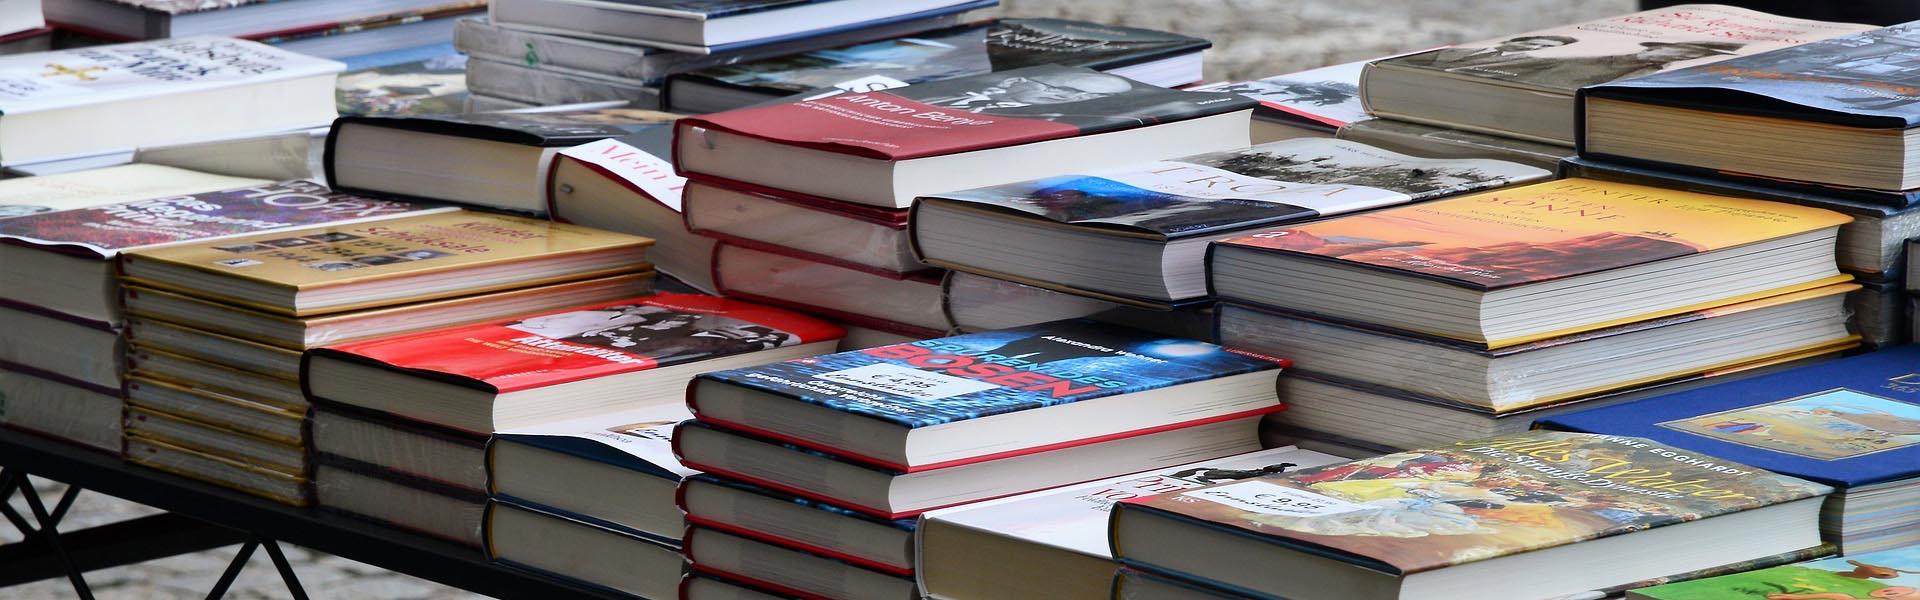 Los tipos de encuadernación en los libros y documentos